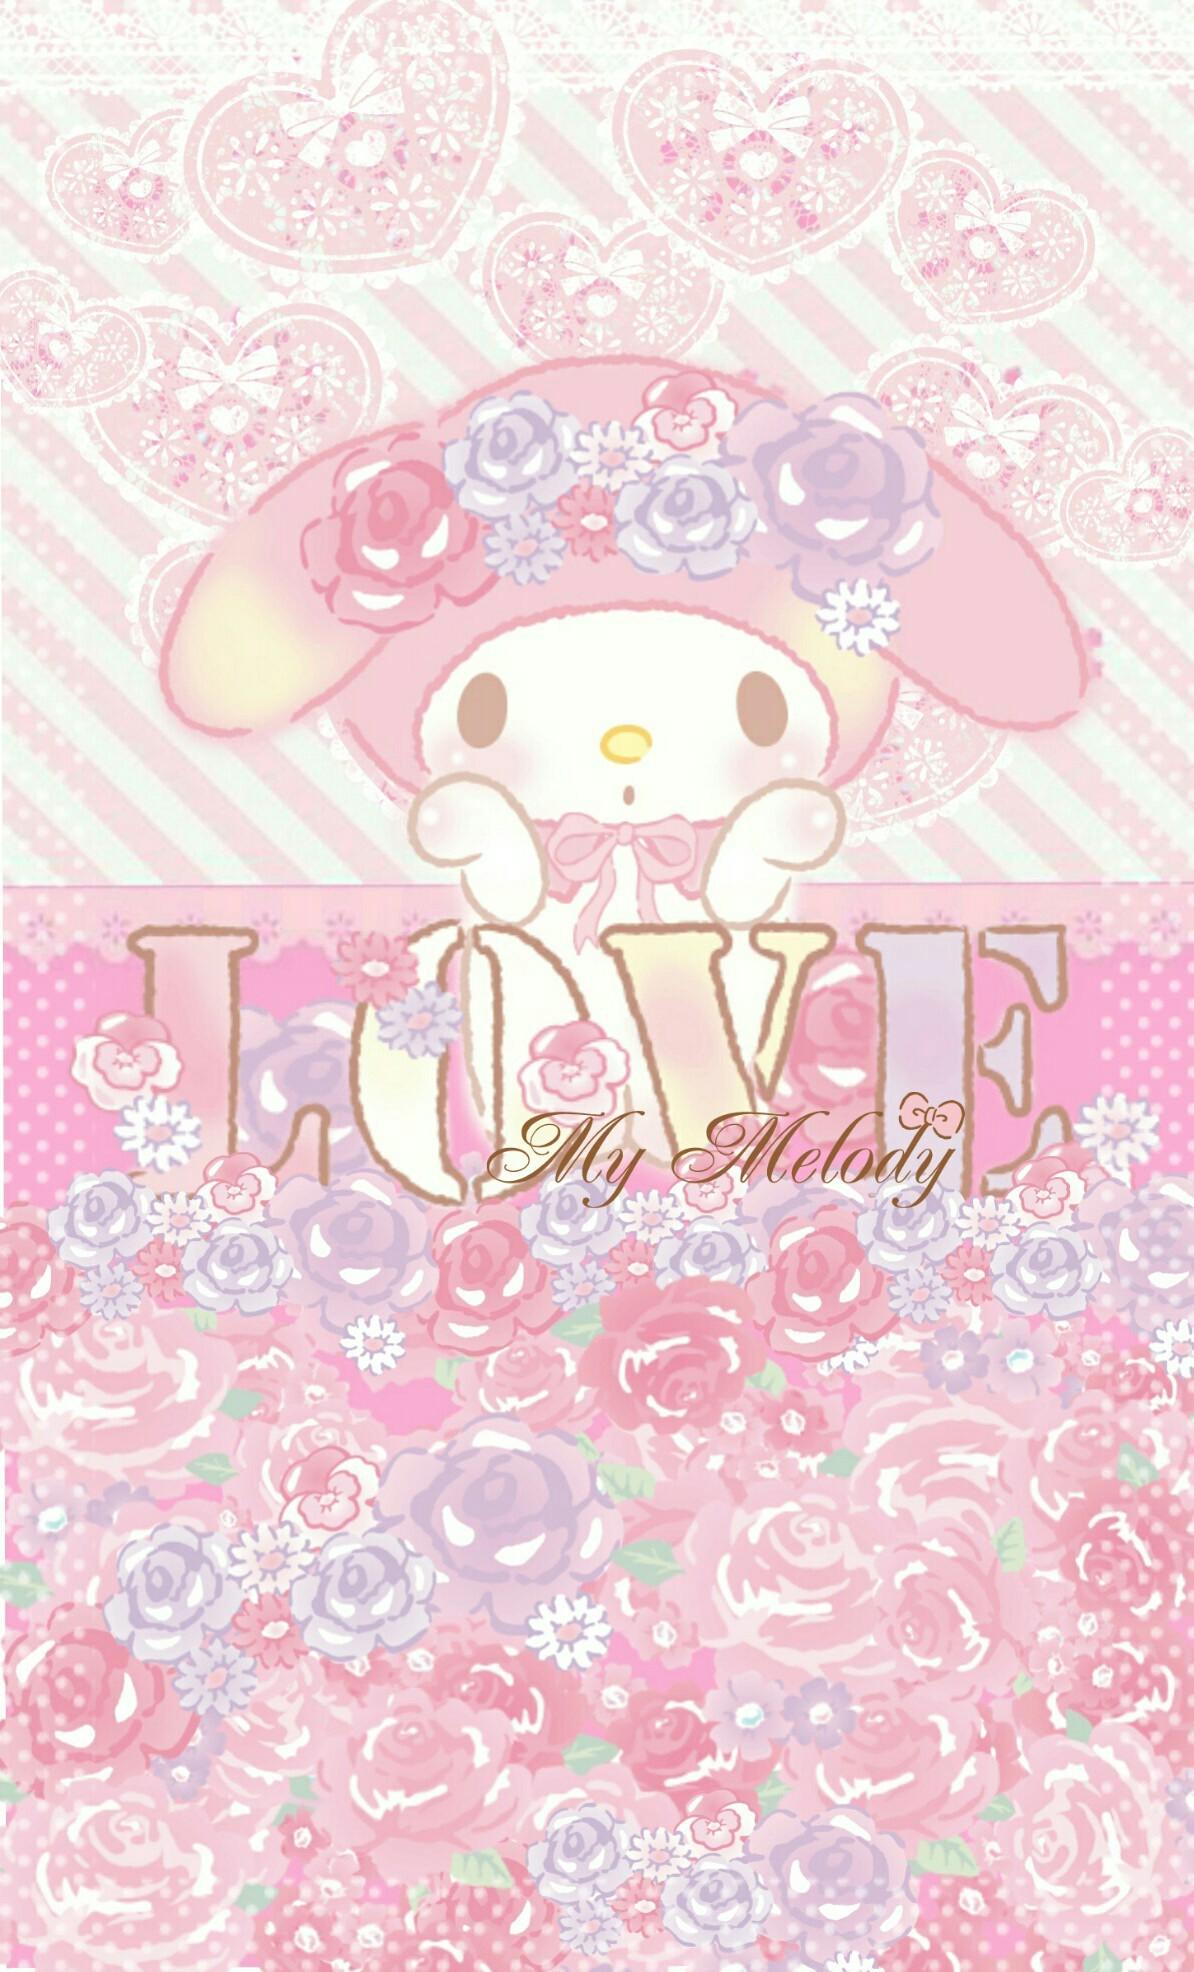 Cute Wallpaper Rilakkuma My Melody Wallpaper 183 ①